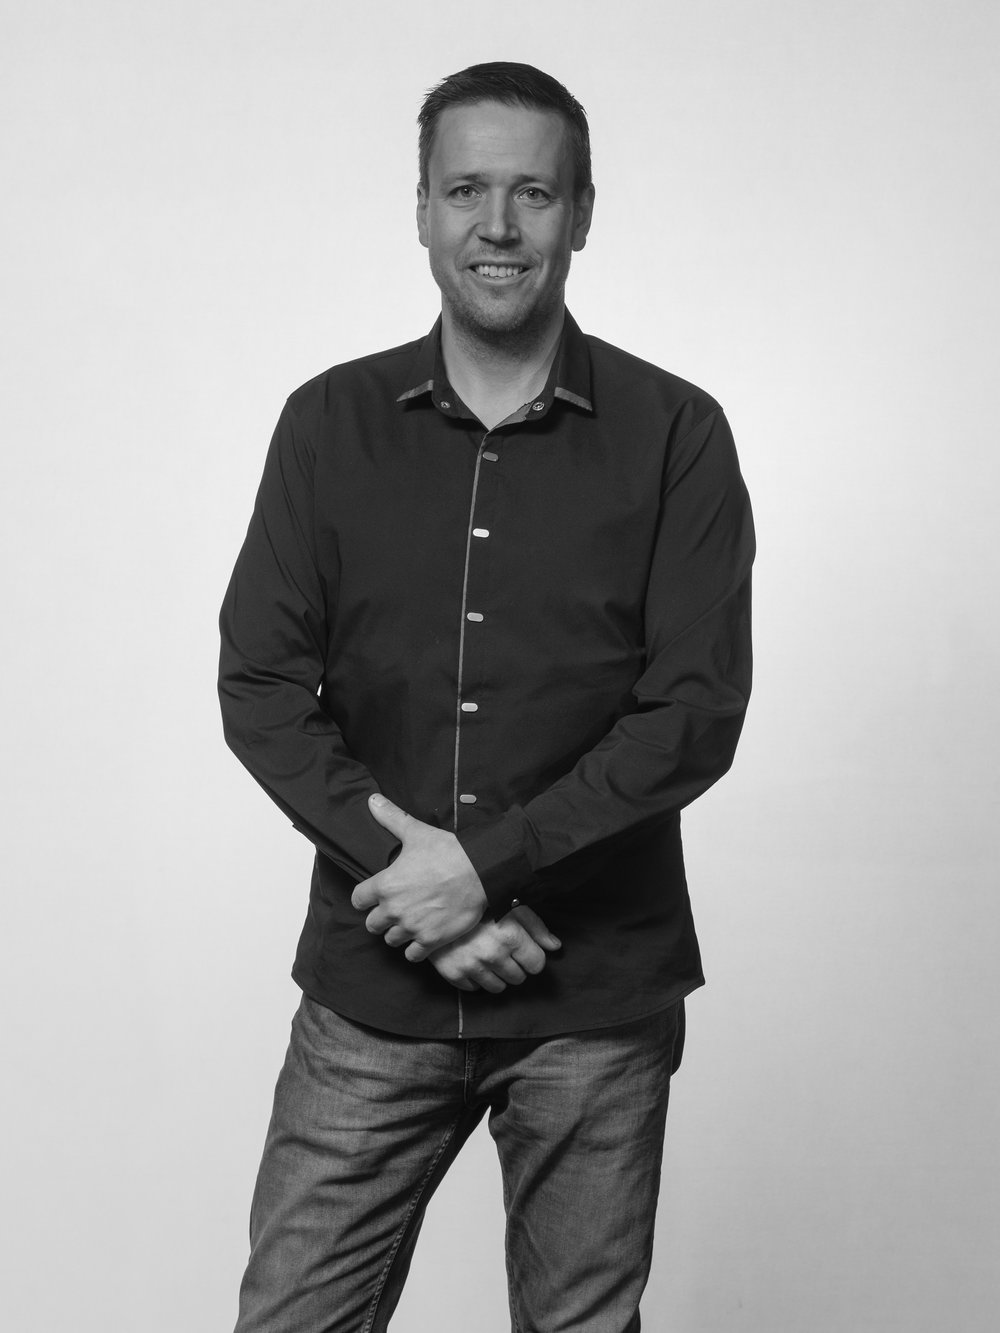 Jonas Nilsson - Servicetekniker/Arbetsledare+46 70 519 89 93jonas.nilsson@ecpairtech.se